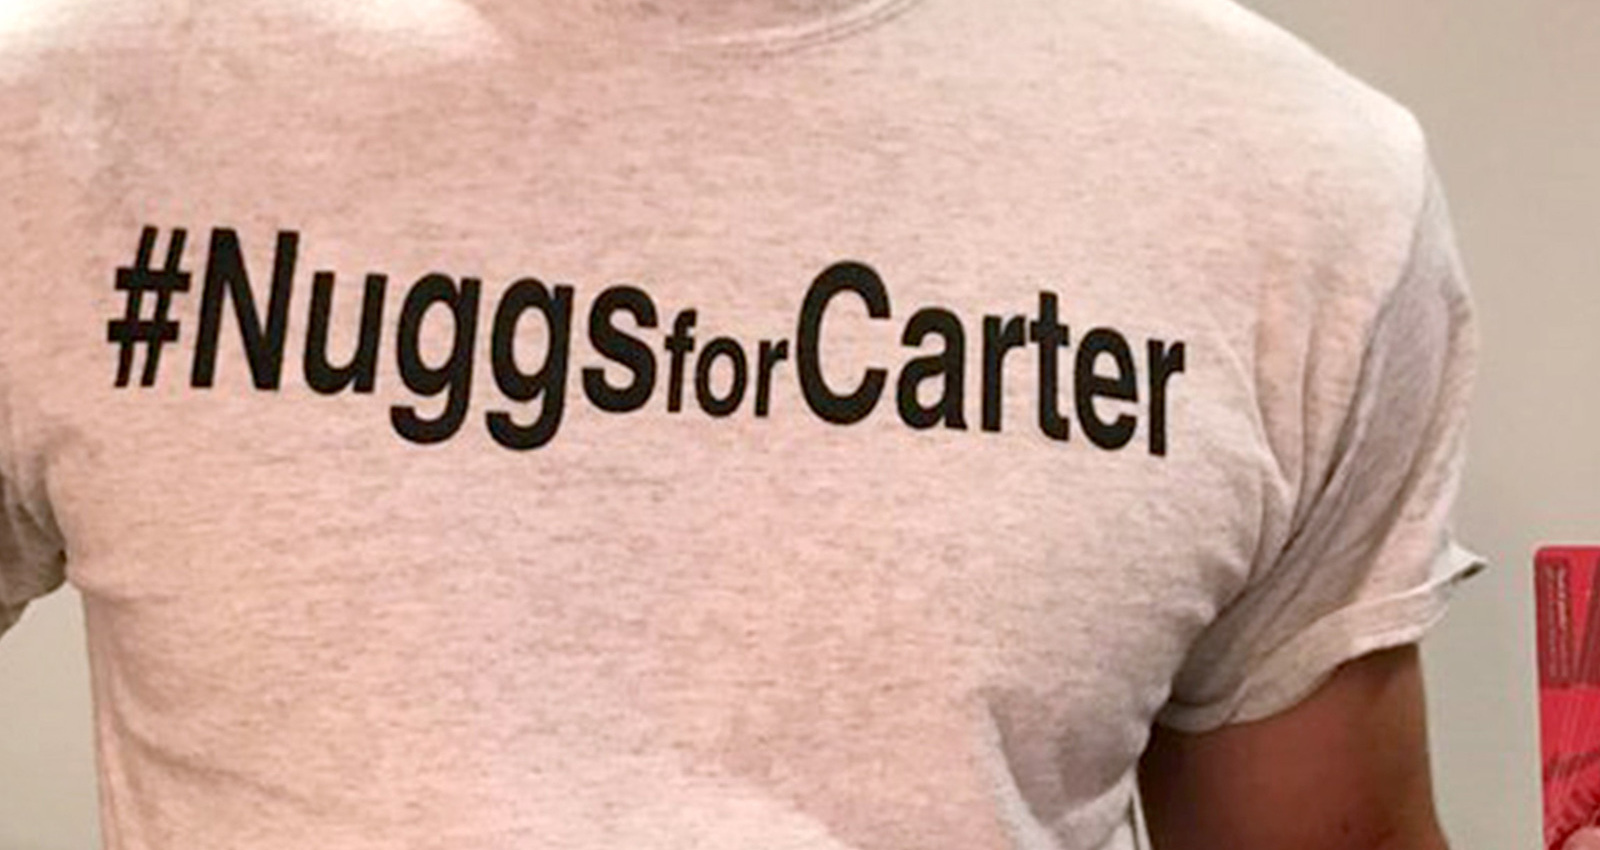 #NuggsforCarter